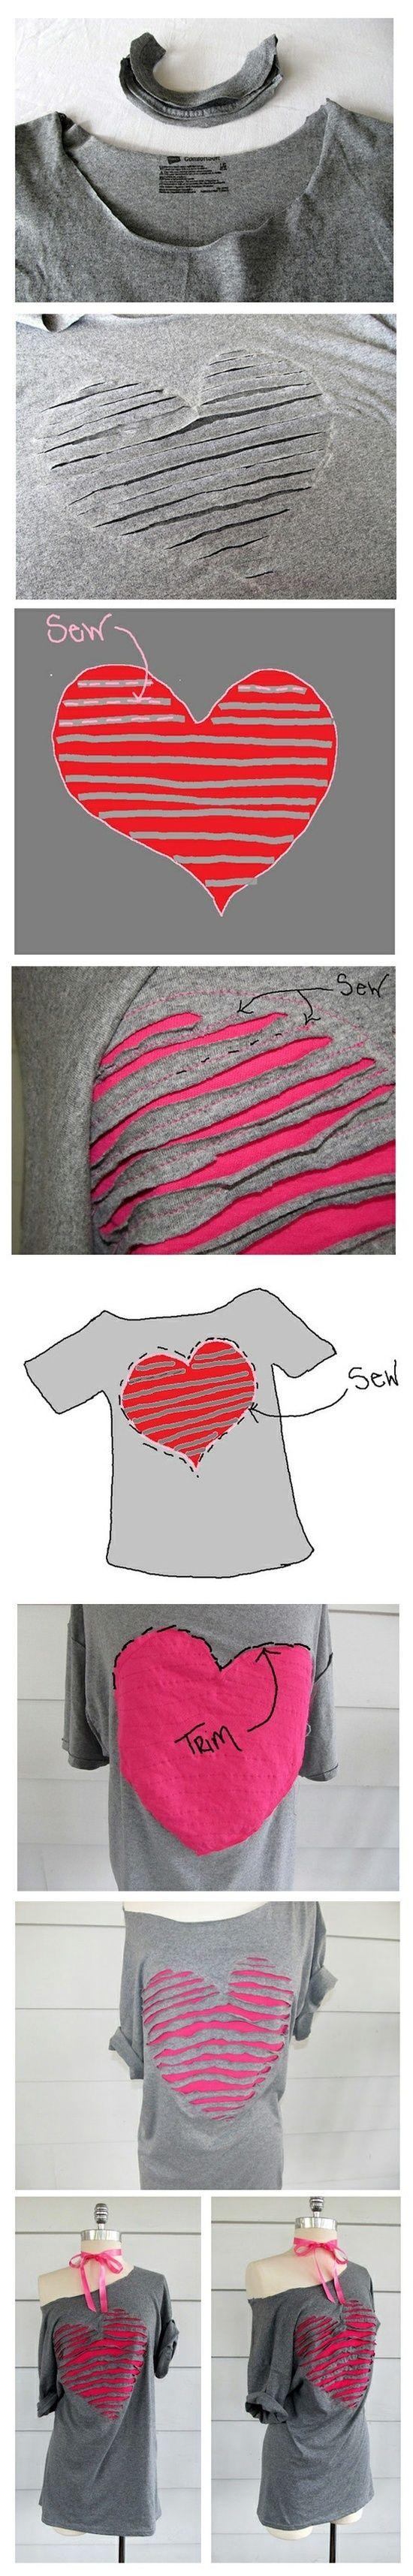 DIY heart tshirt